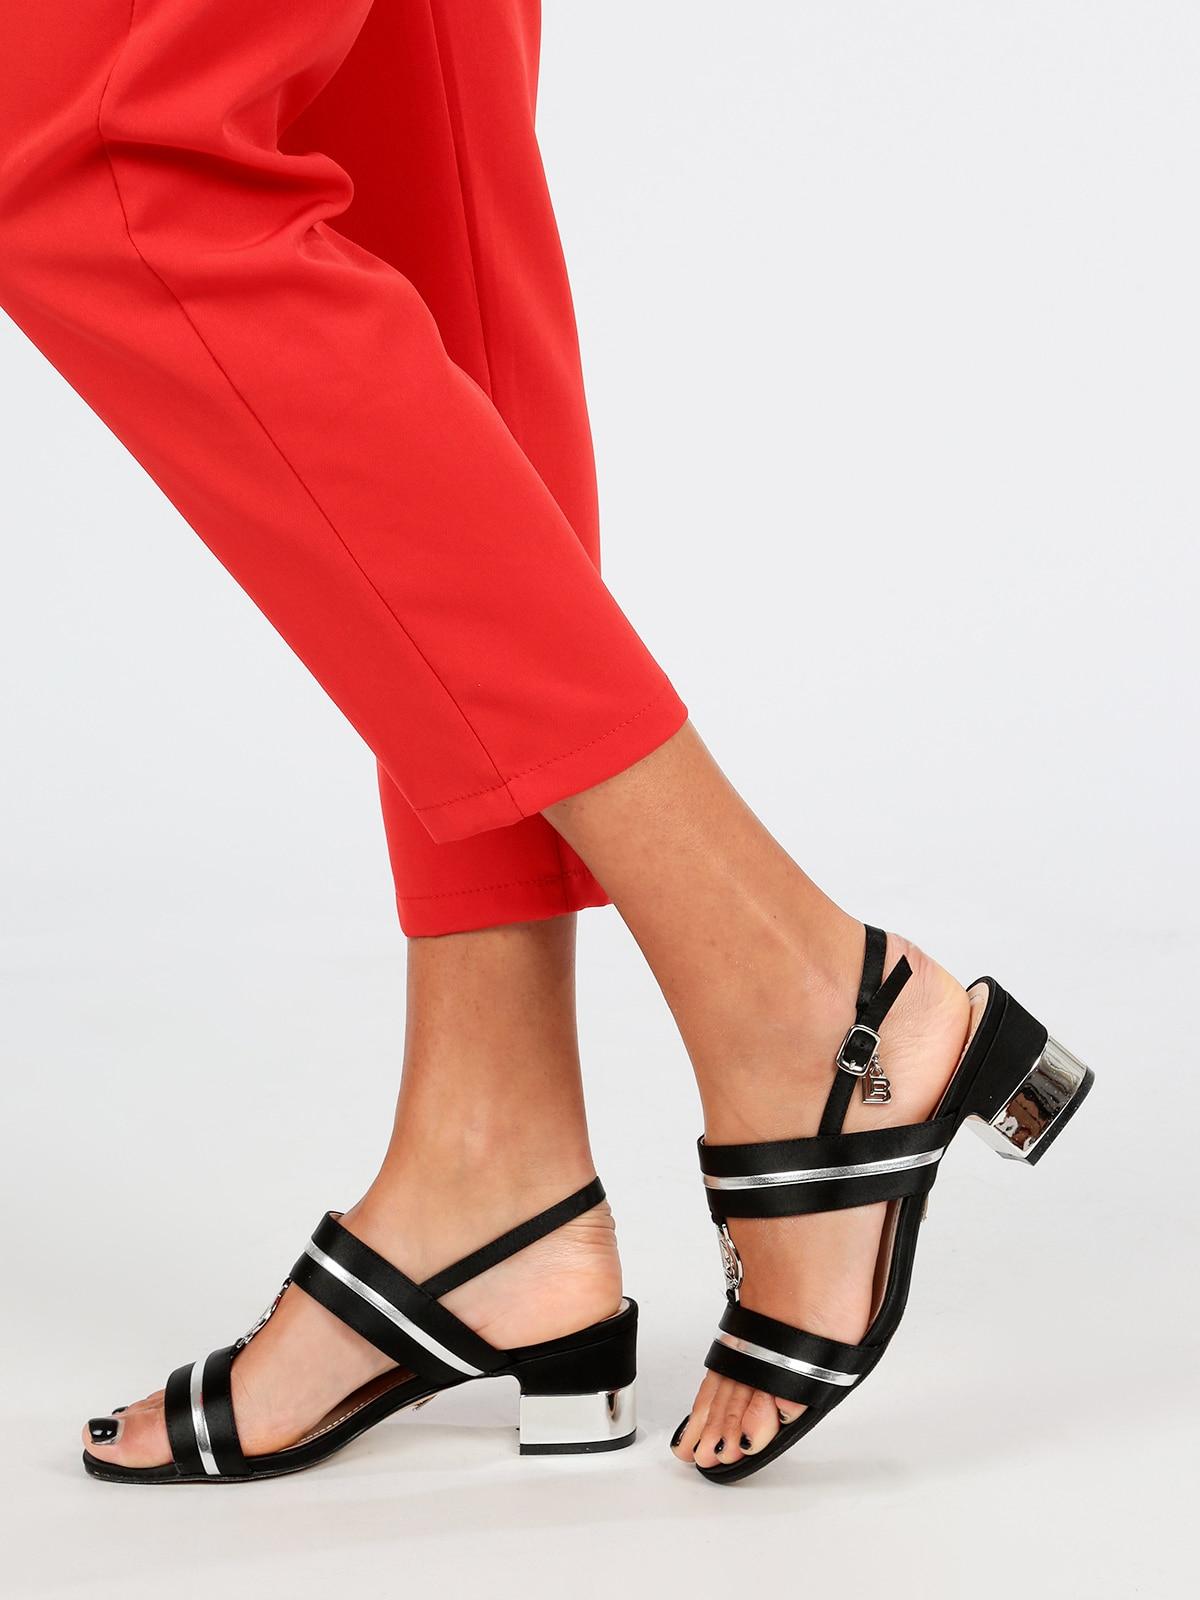 Sandales noires à talons bas